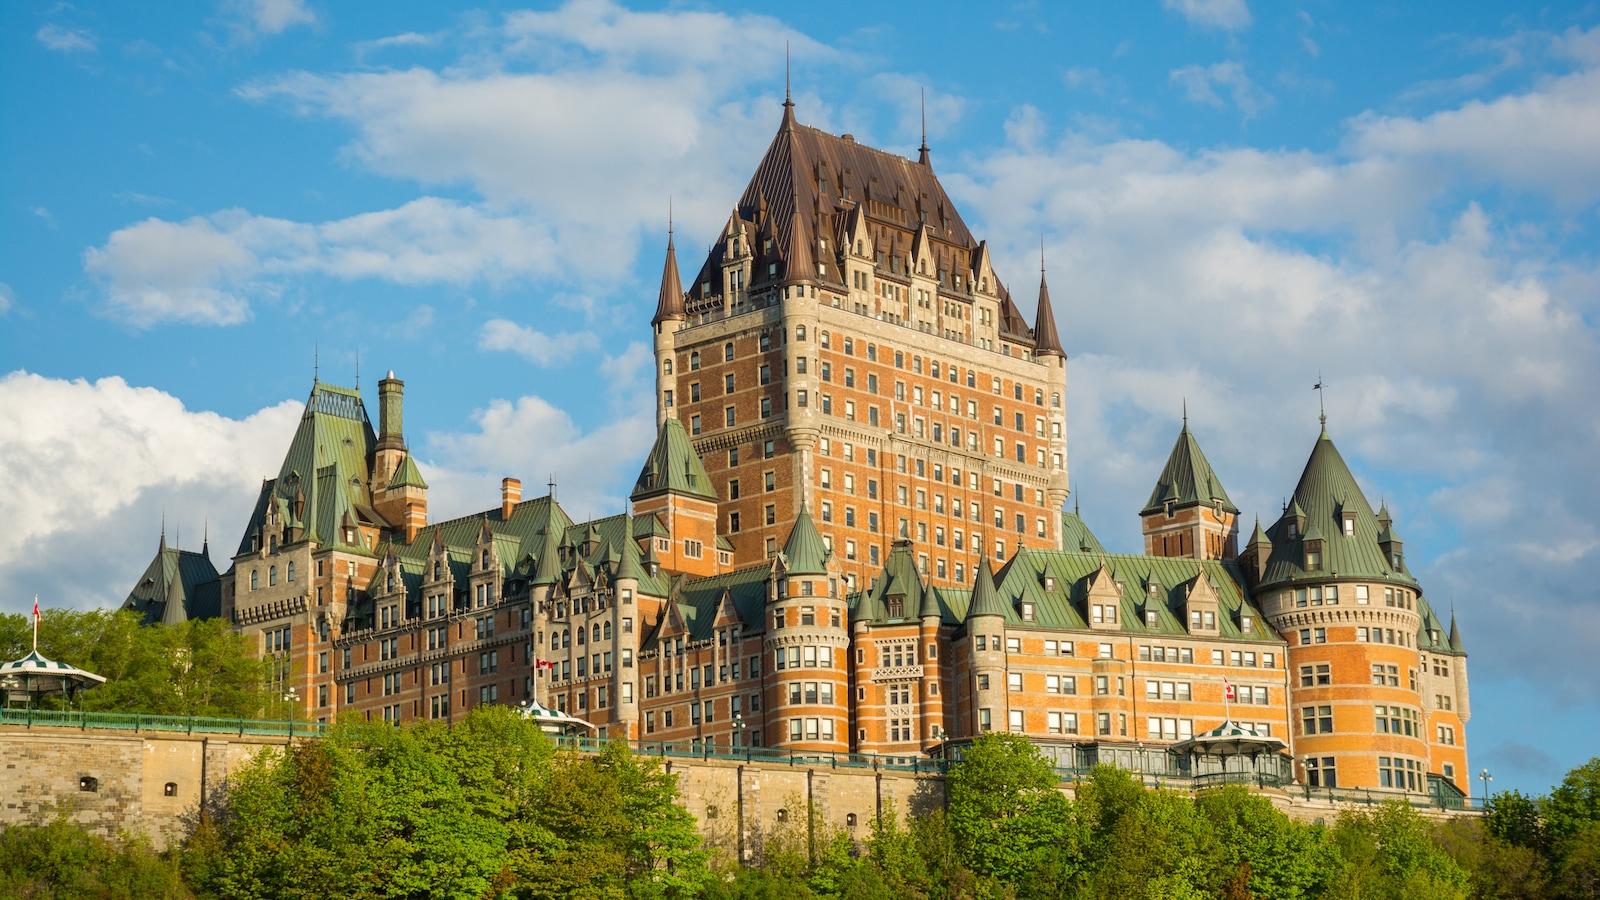 Château Frontenac est un hôtel qui est devenu l'emblème de la ville de Québec.